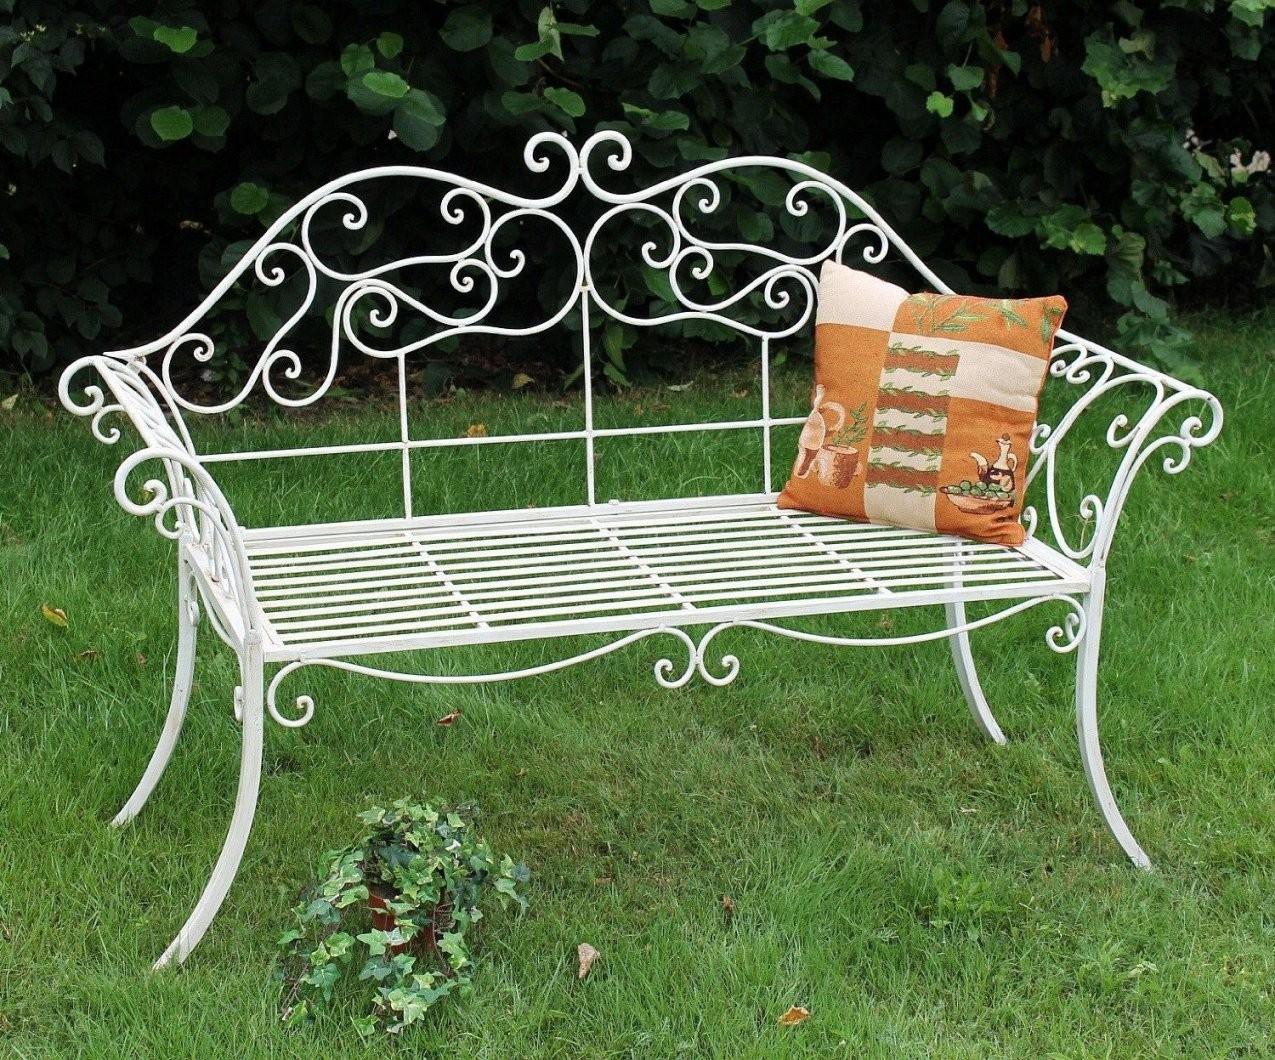 Gartenbank Weiß Metall Antik Romance Schmiedeeisen Sitzbank  Antike von Gartenbank Weiss Metall Photo